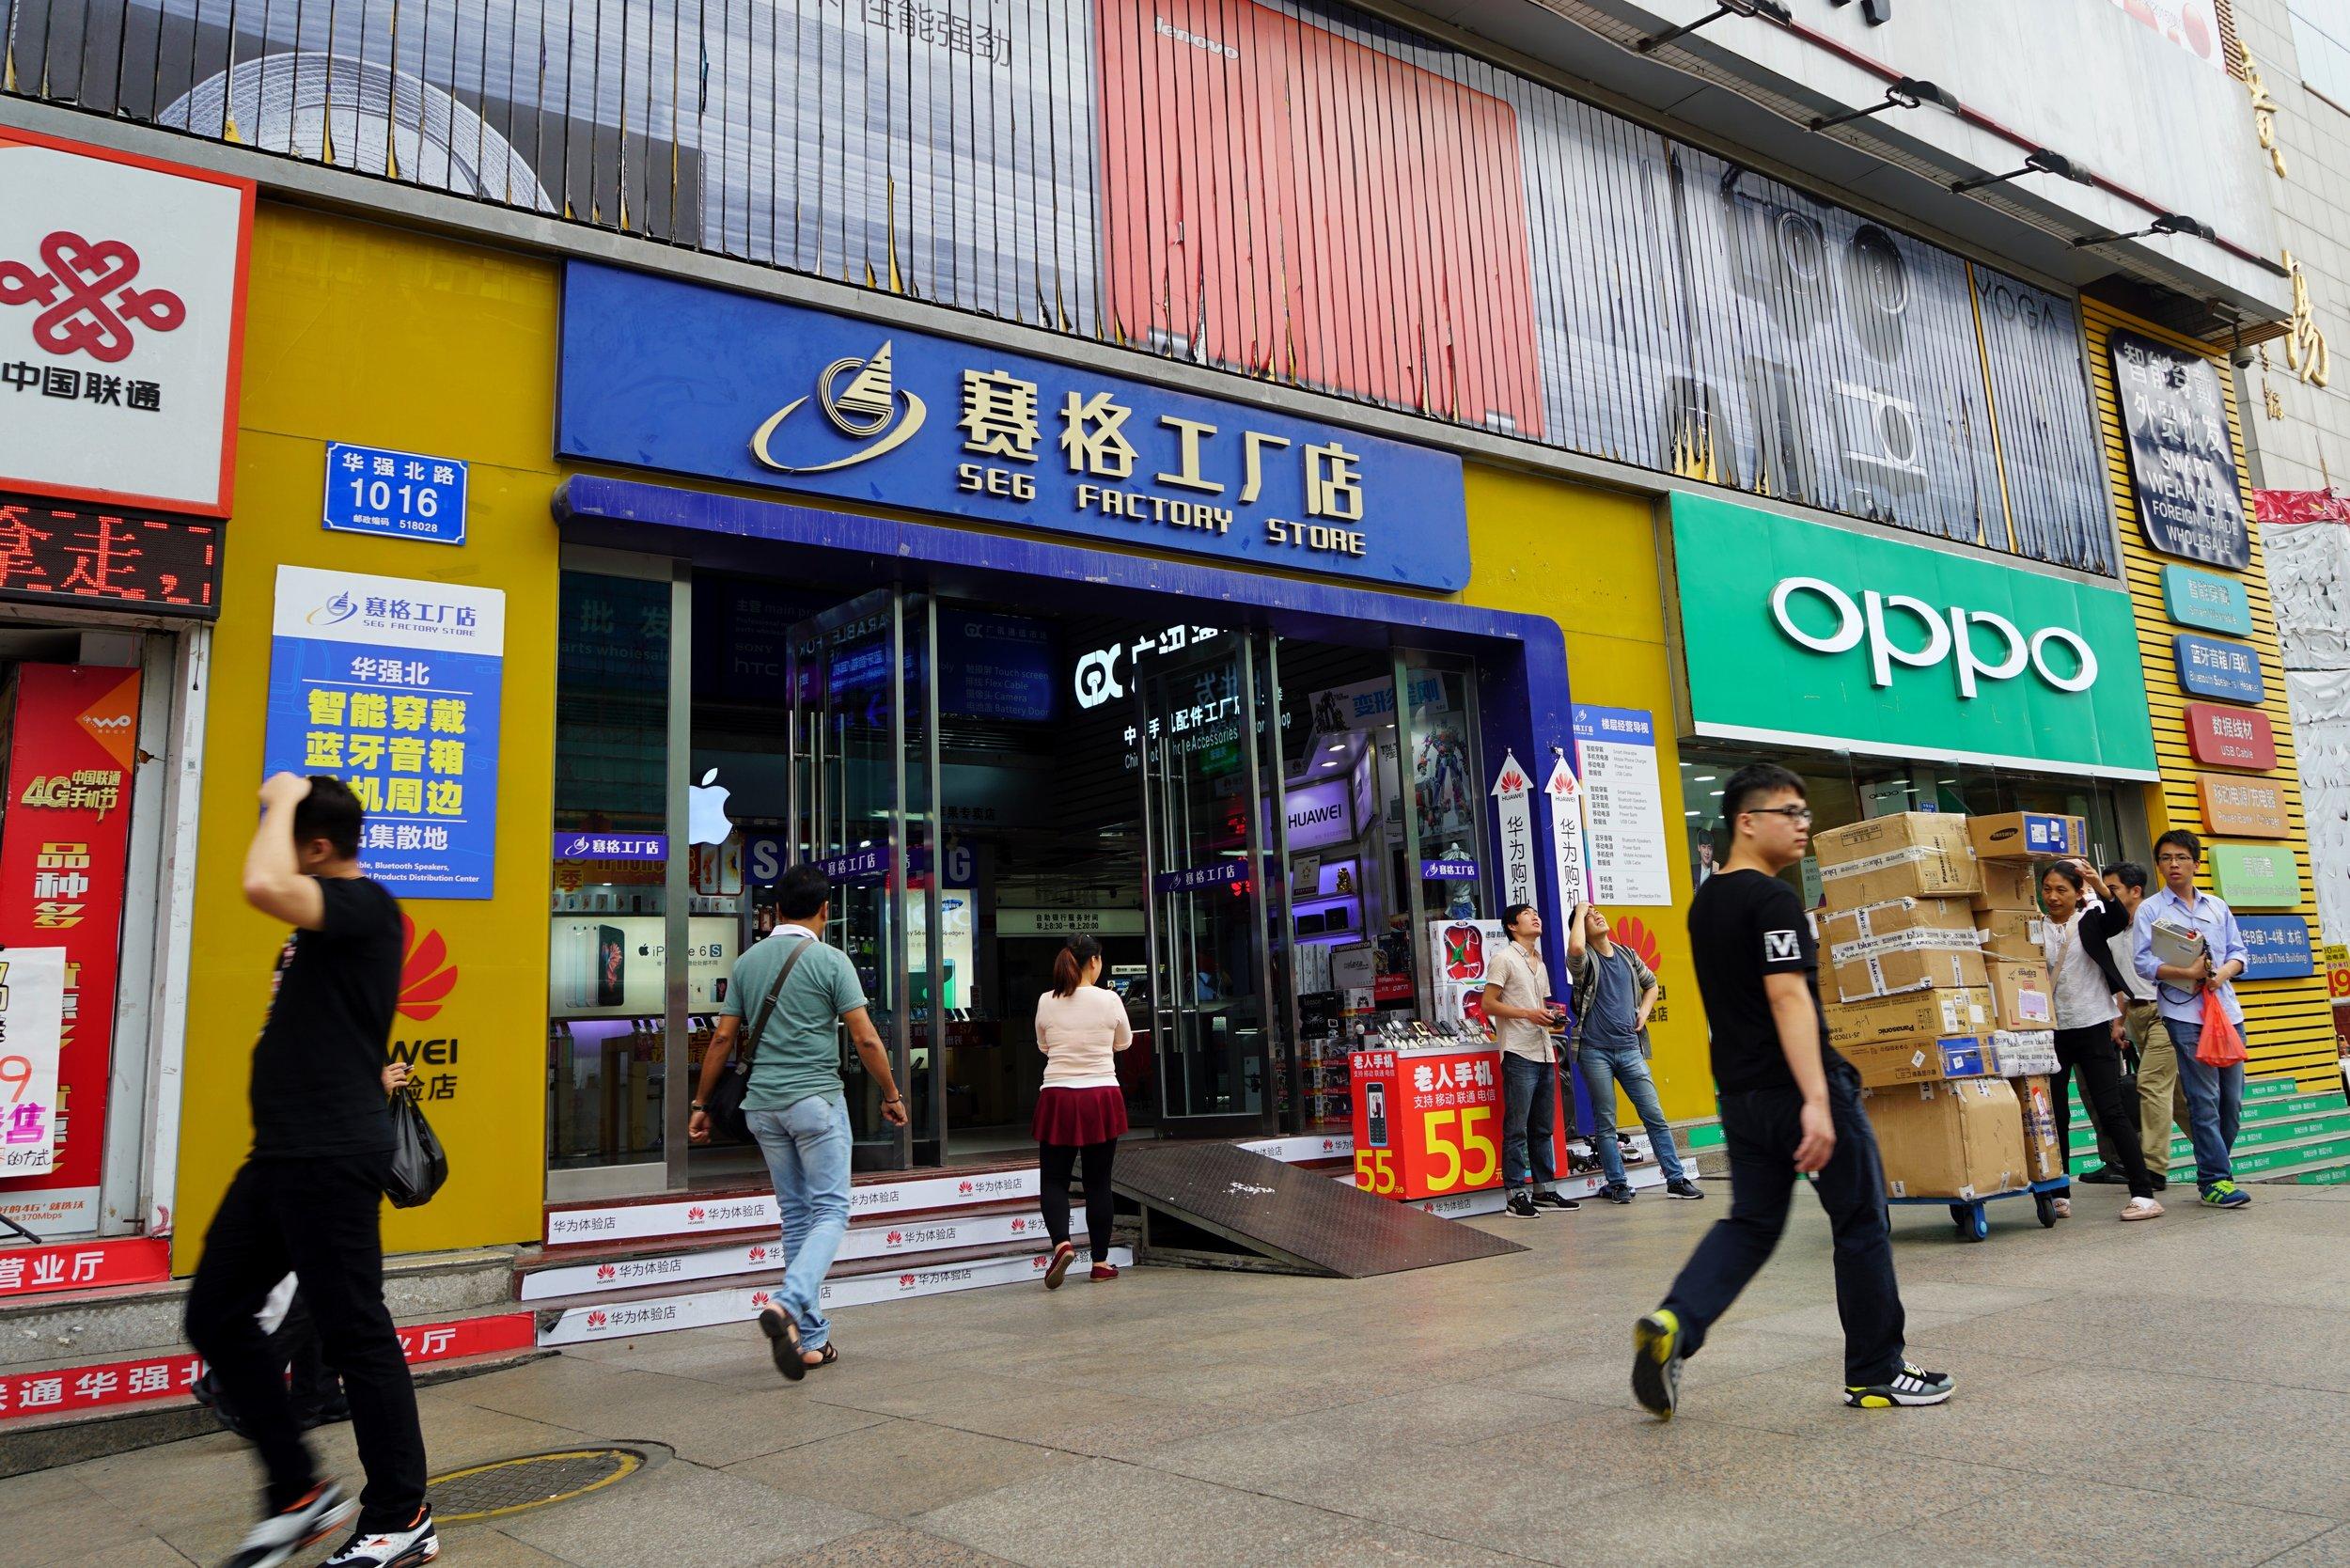 1-Shenzhen-exterior.jpg